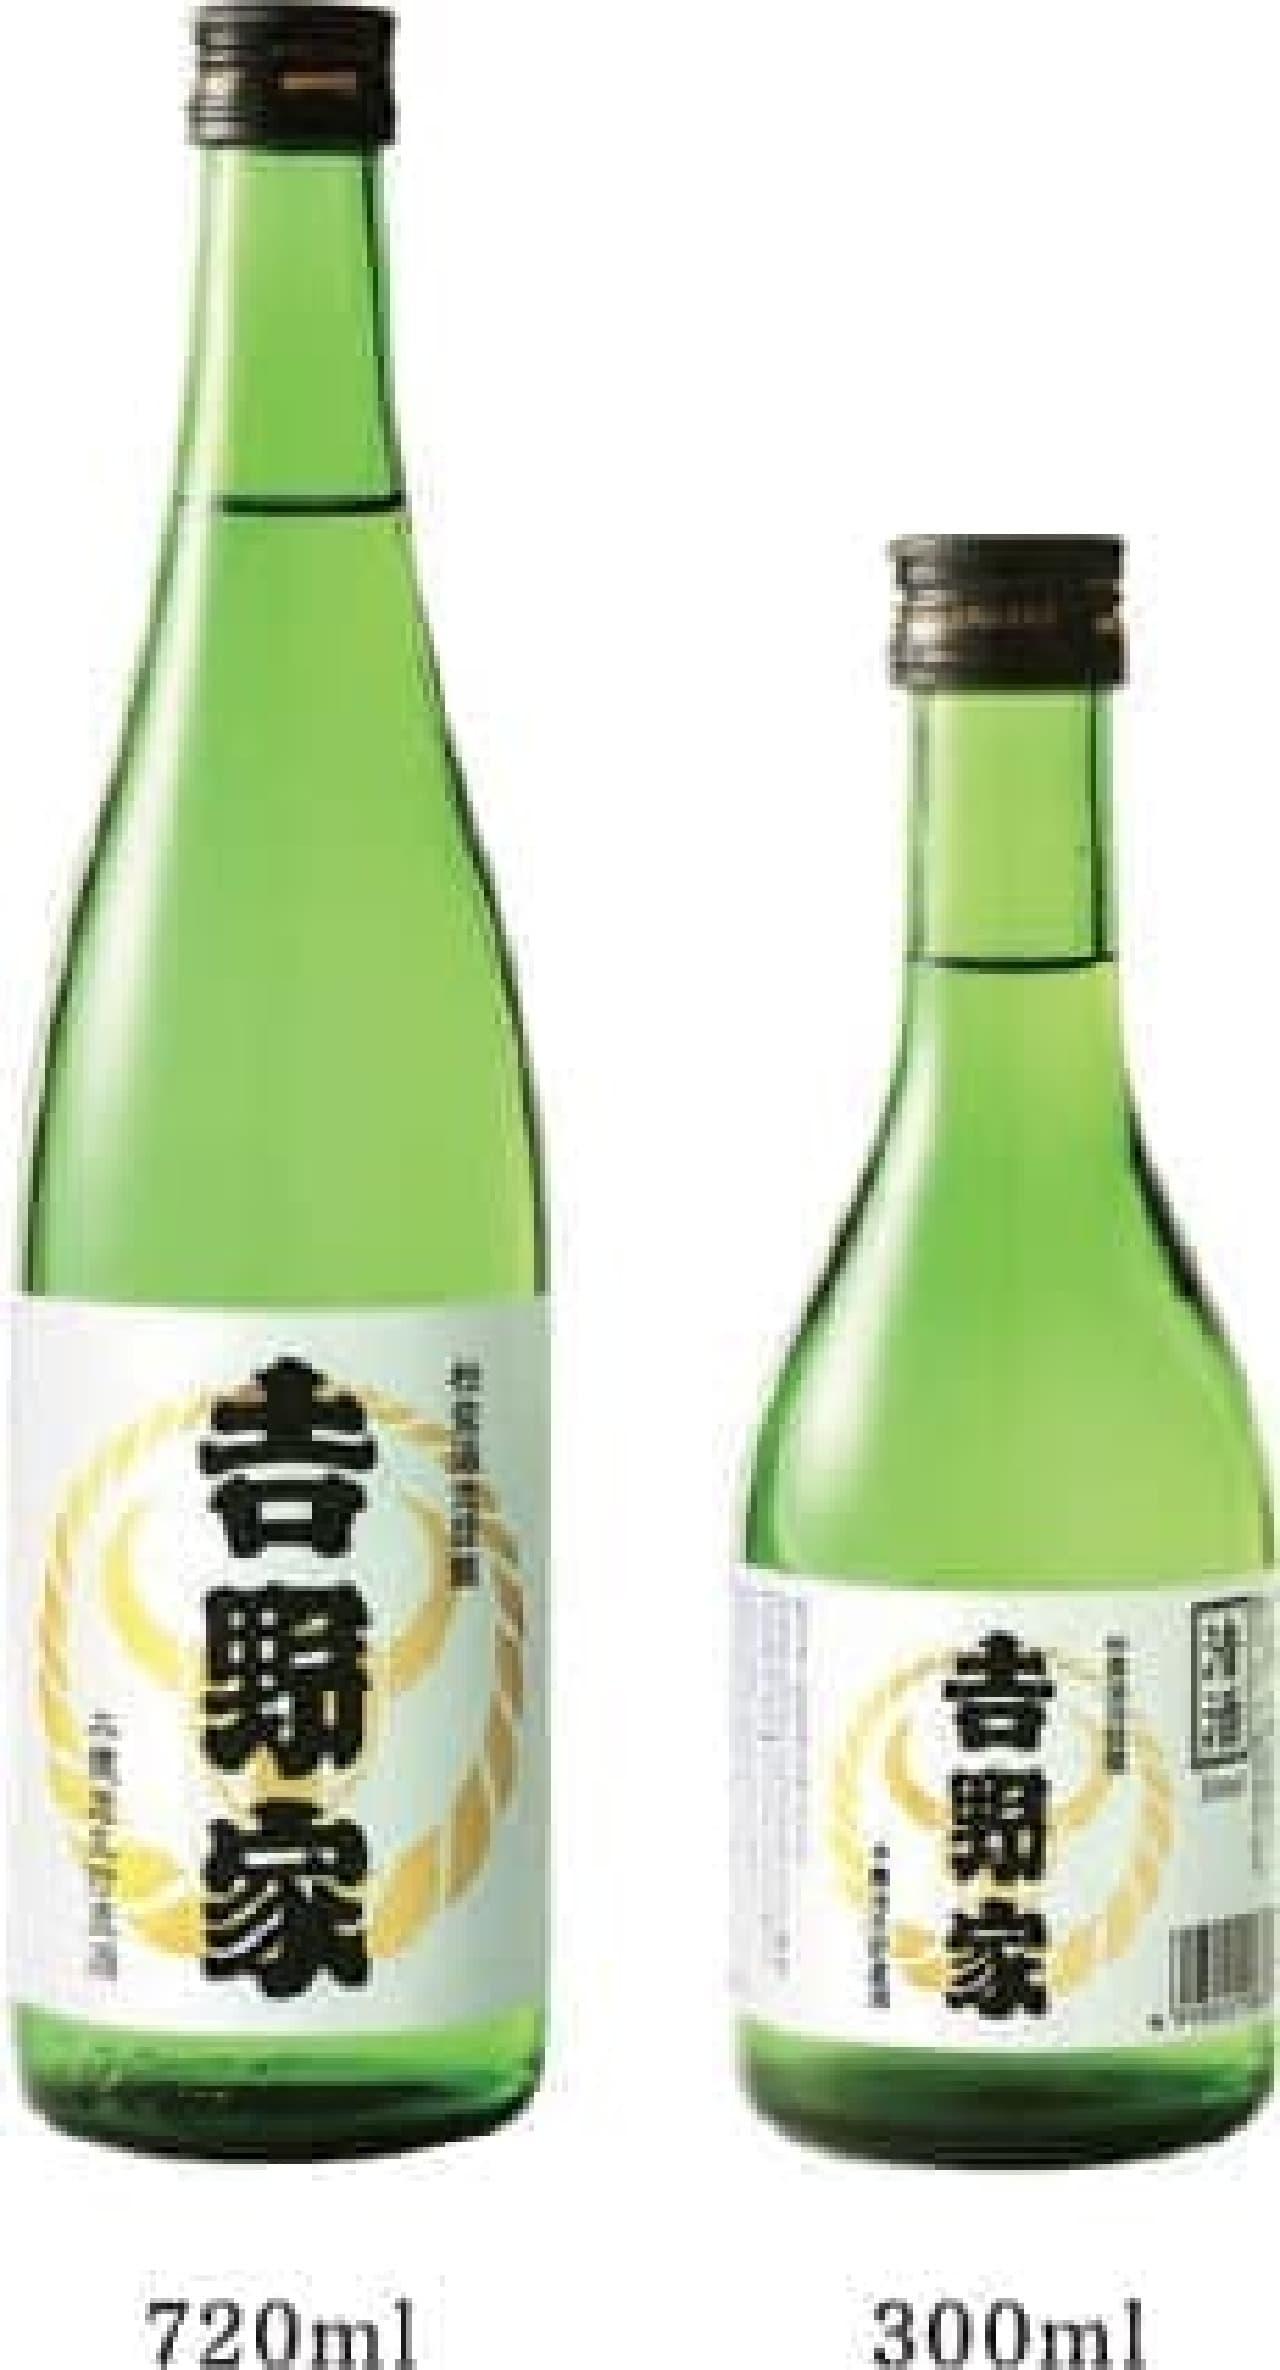 吉野家 本醸造生貯蔵 柏露酒造謹醸 720ml/300ml瓶